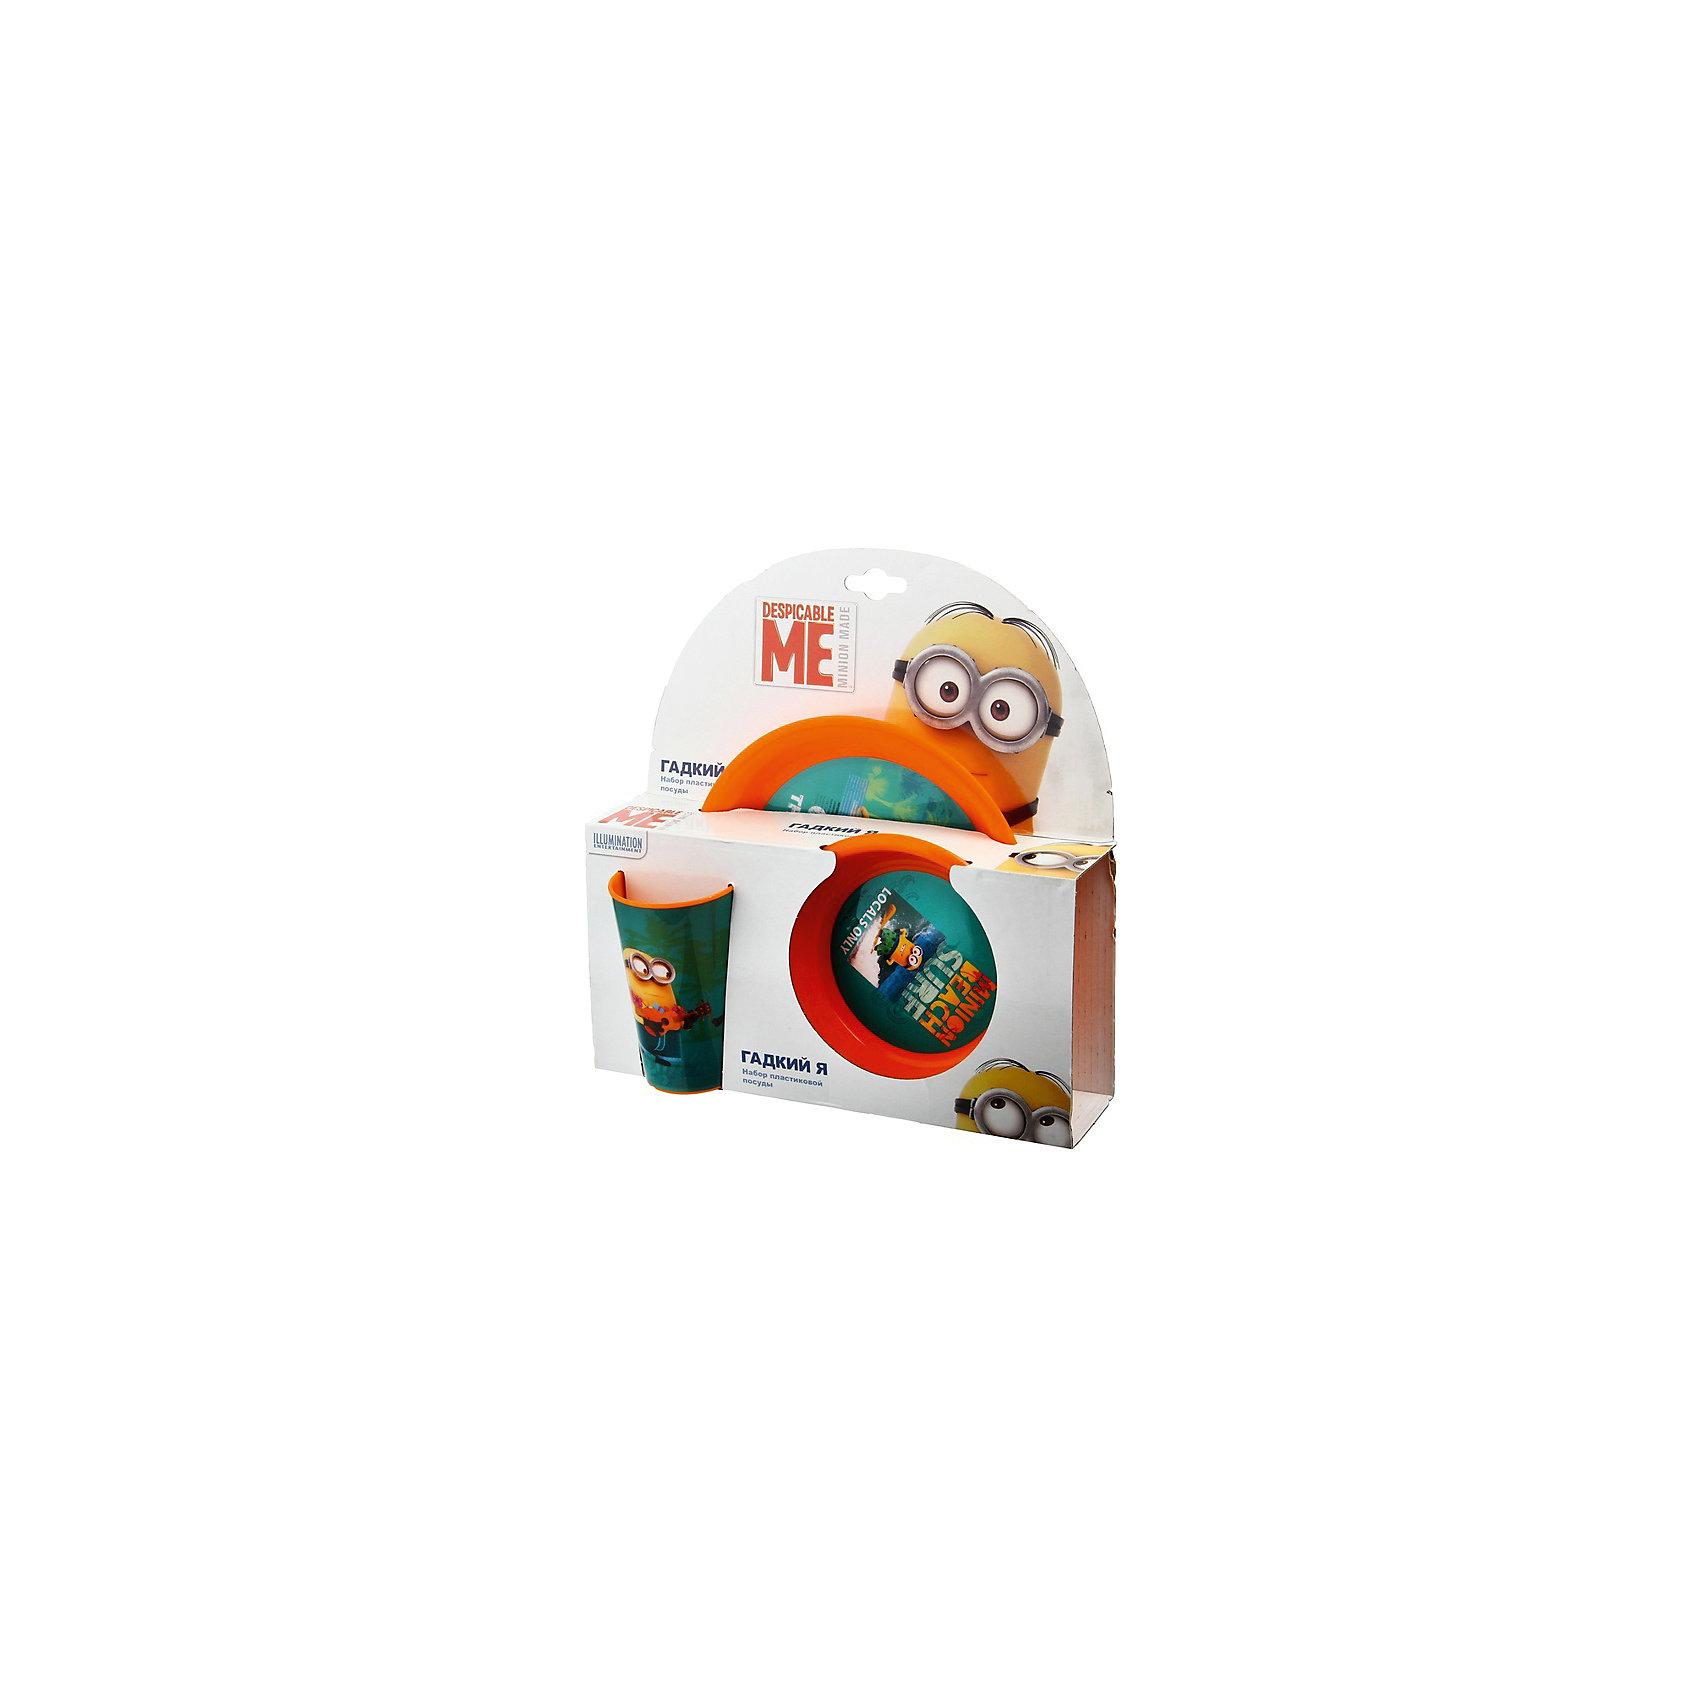 Оранжевый набор посуды (3 предмета), МиньоныКрасочный набор детской посуды Миньоны порадует Вашего ребенка и замечательно подойдет для повседневного использования. В комплект входят пиала, тарелки и стакан. Все предметы выполнены в яркой оранжевой расцветке по мотивам популярного мультфильма Гадкий Я (Despicable Me) и украшены изображением забавных персонажей  - миньонов. Материал представляет собой качественный пищевой пластик, не вызывающий аллергии и безопасный для детского здоровья. Набор оформлен в нарядную подарочную упаковку. <br><br>Дополнительная информация:<br><br>- В комплекте: 1 пиала (14,8 см.), 1 тарелка (19,8 см.), 1 стакан (250 мл.).<br>- Материал: пластик.<br>- Размер упаковки: 27,2 х 9 х 27 см.<br>- Вес: 0,15 кг. <br><br>Оранжевый набор посуды (3 предмета), Миньоны, можно купить в нашем интернет-магазине.<br><br>Ширина мм: 272<br>Глубина мм: 90<br>Высота мм: 270<br>Вес г: 150<br>Возраст от месяцев: 36<br>Возраст до месяцев: 168<br>Пол: Унисекс<br>Возраст: Детский<br>SKU: 4093867